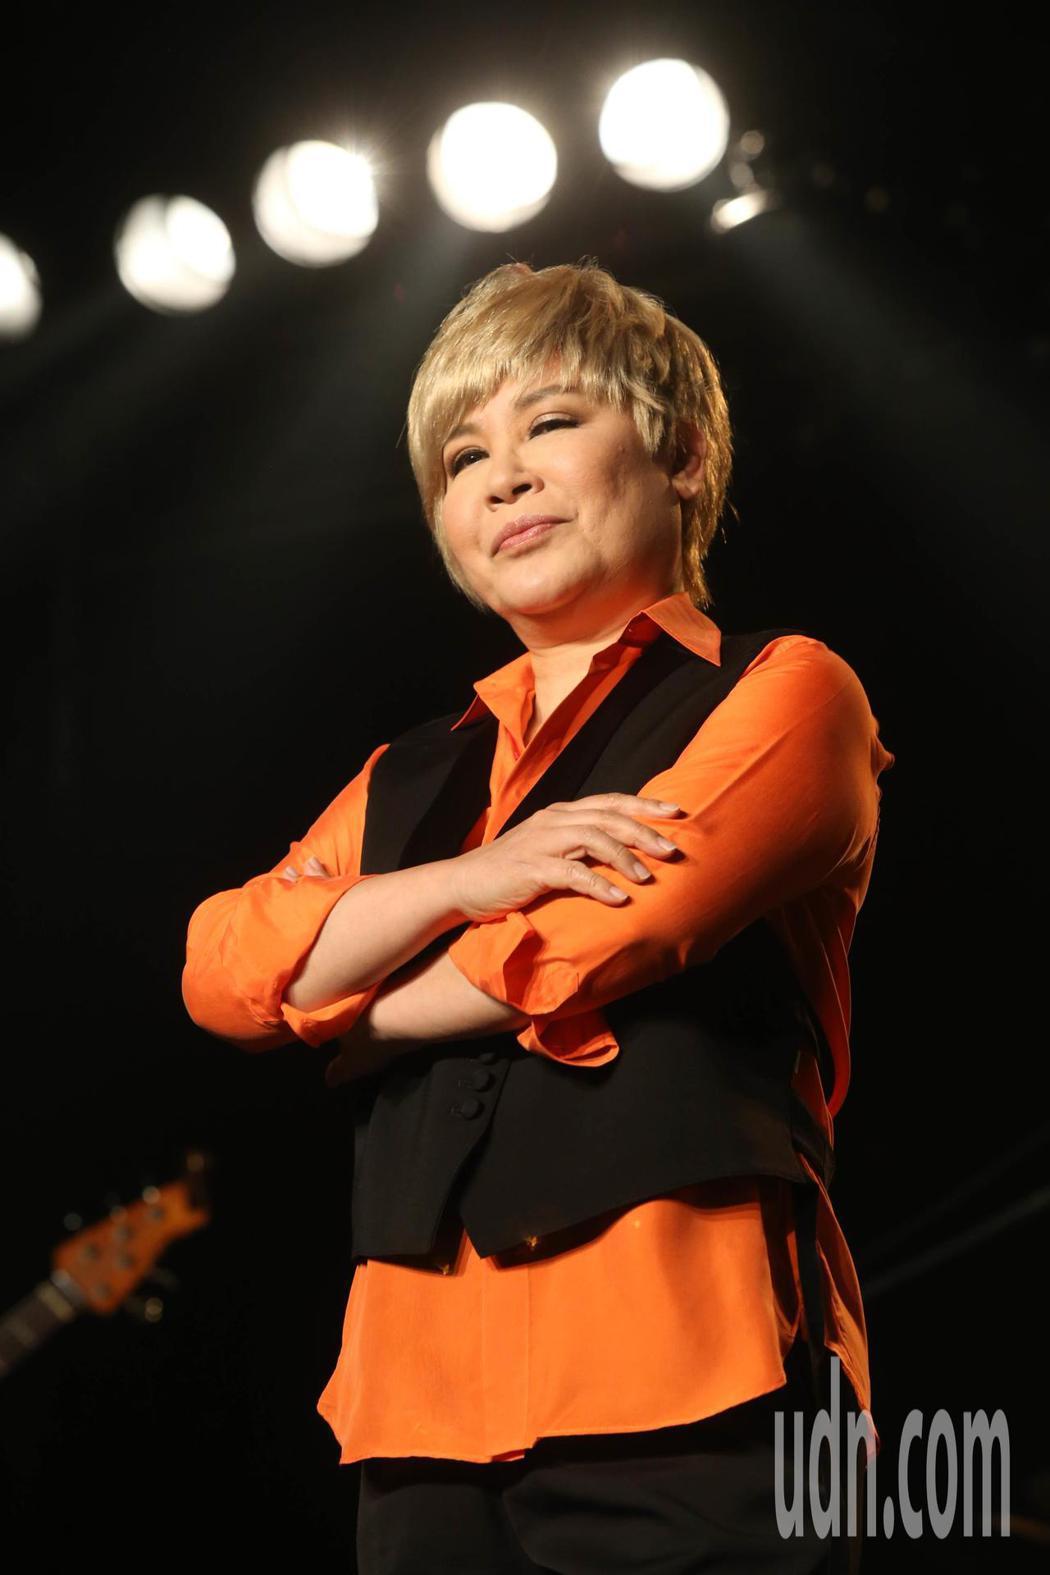 黃小琥《Cause I Dont Care》演唱會台北場 彩排。記者林俊良/攝影